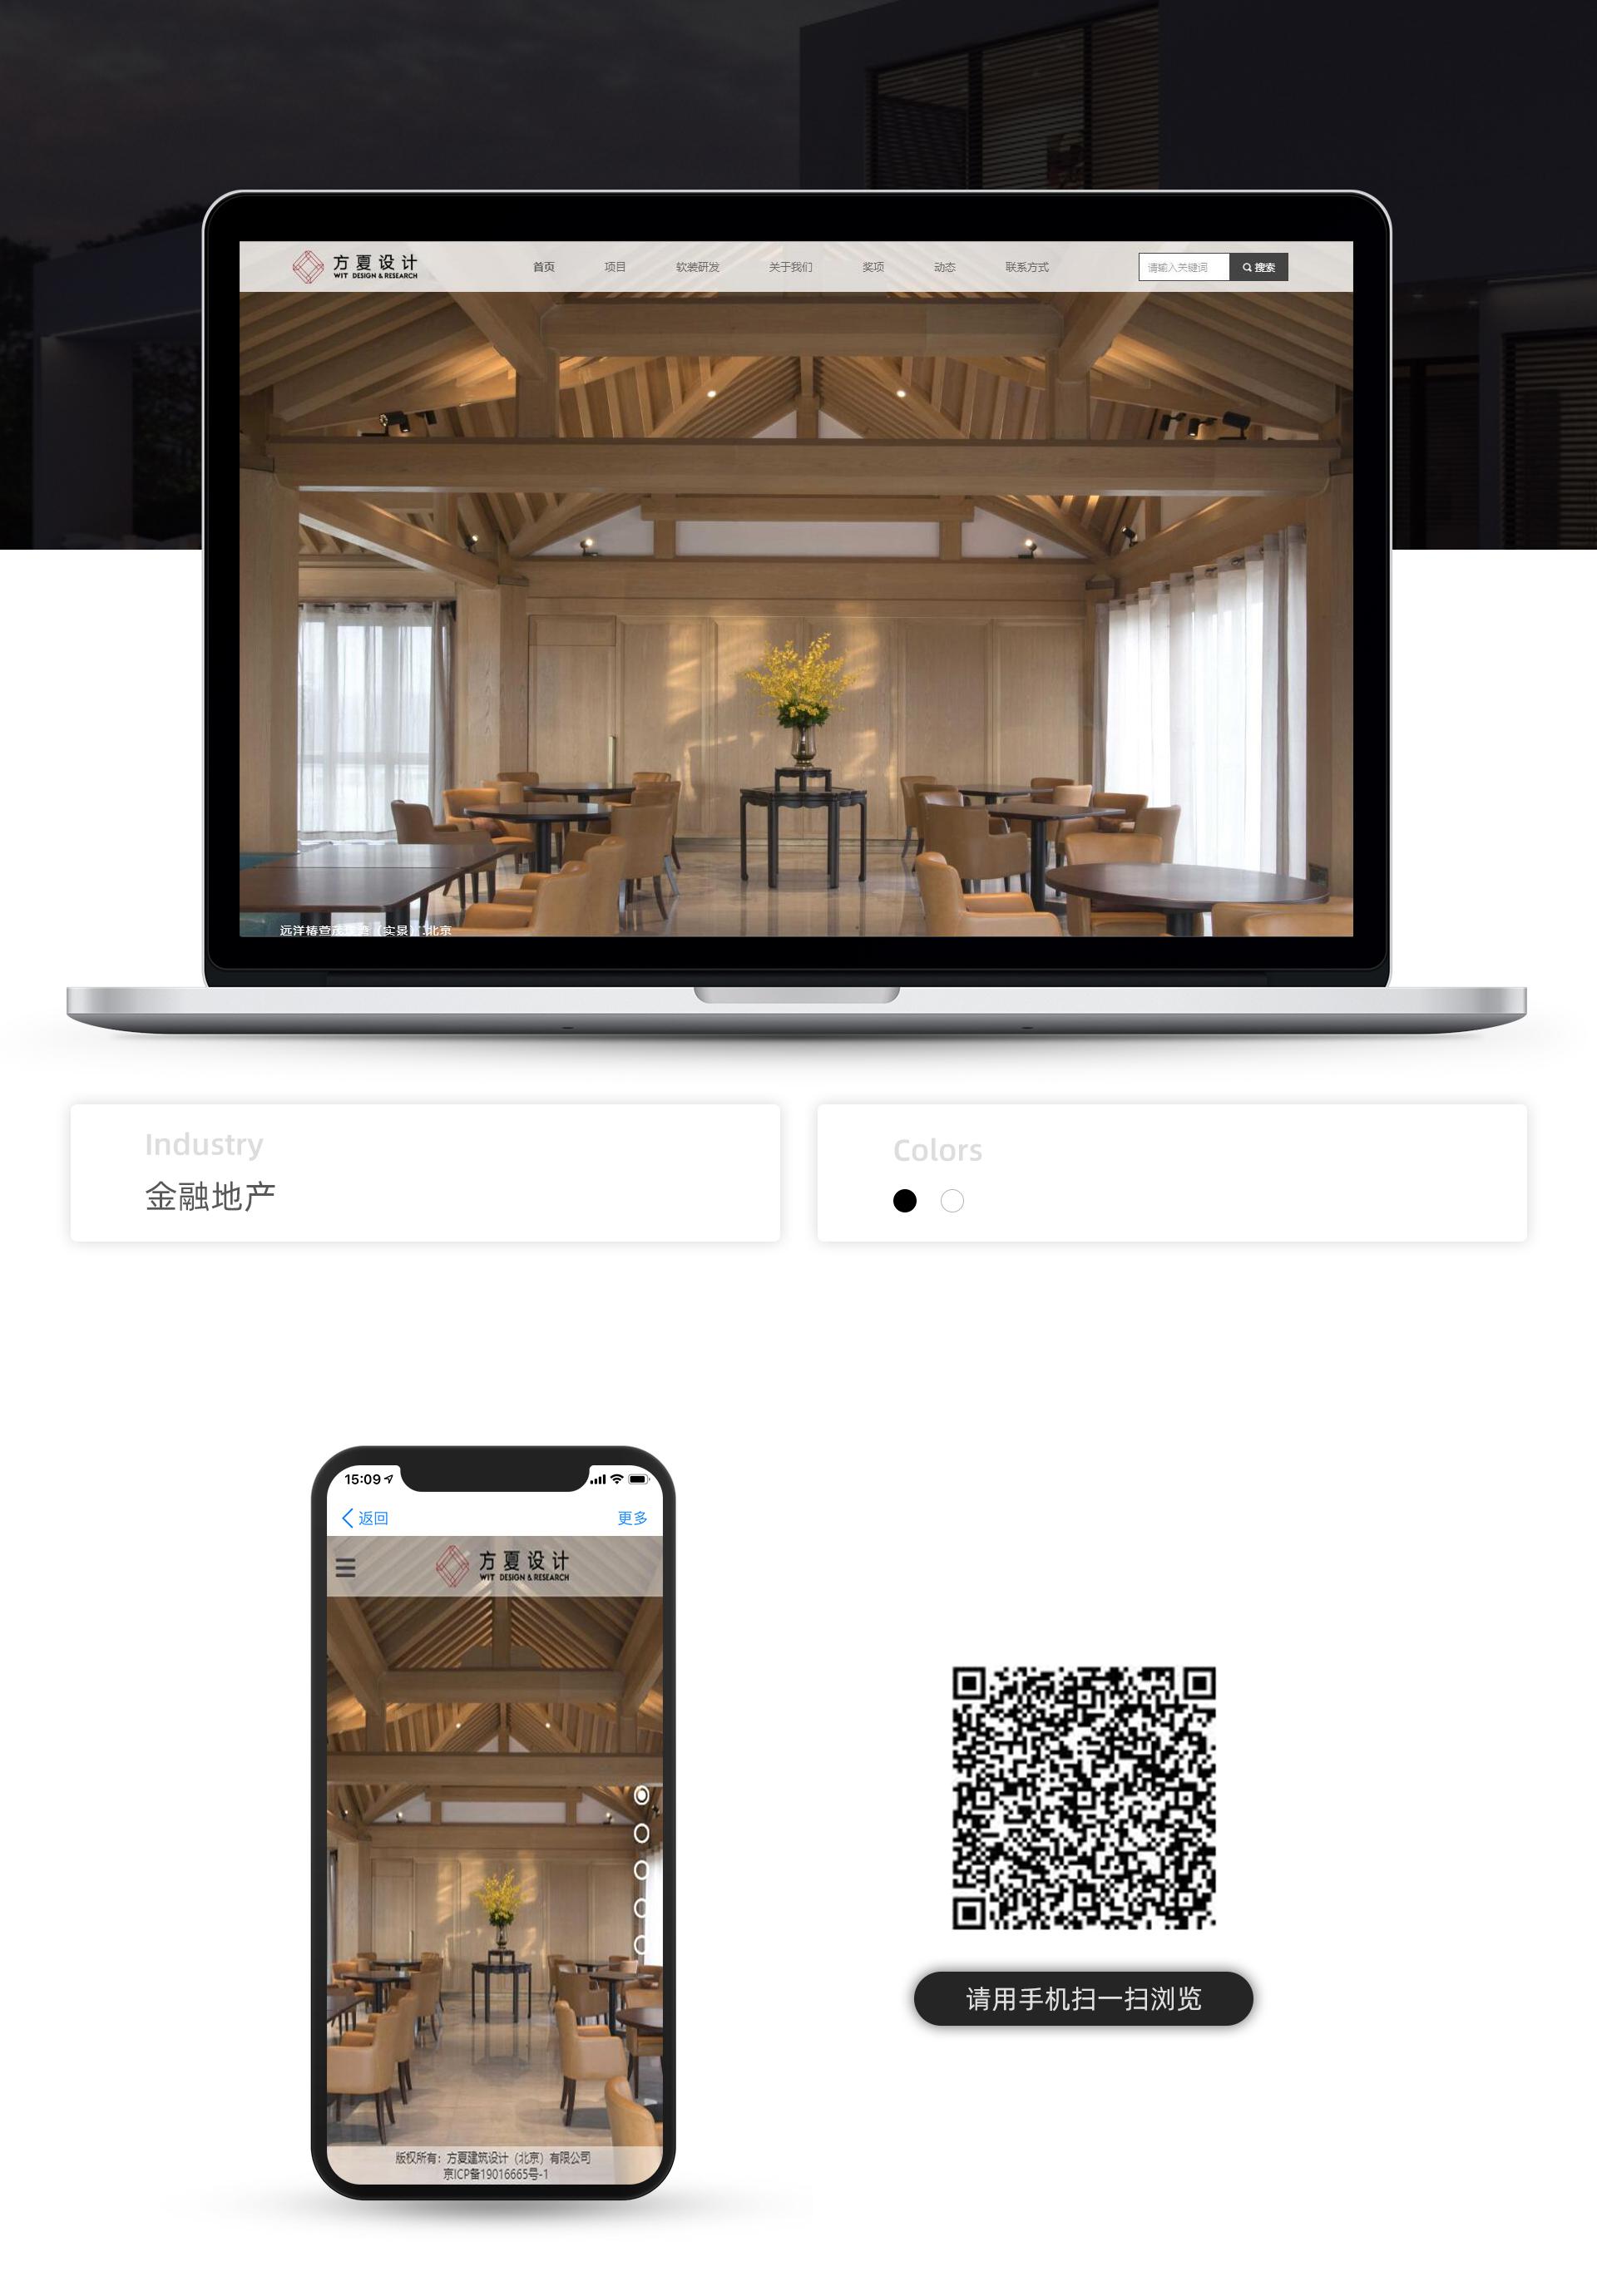 非凡-赵珊珊-方夏建筑设计-北京有限公司_01